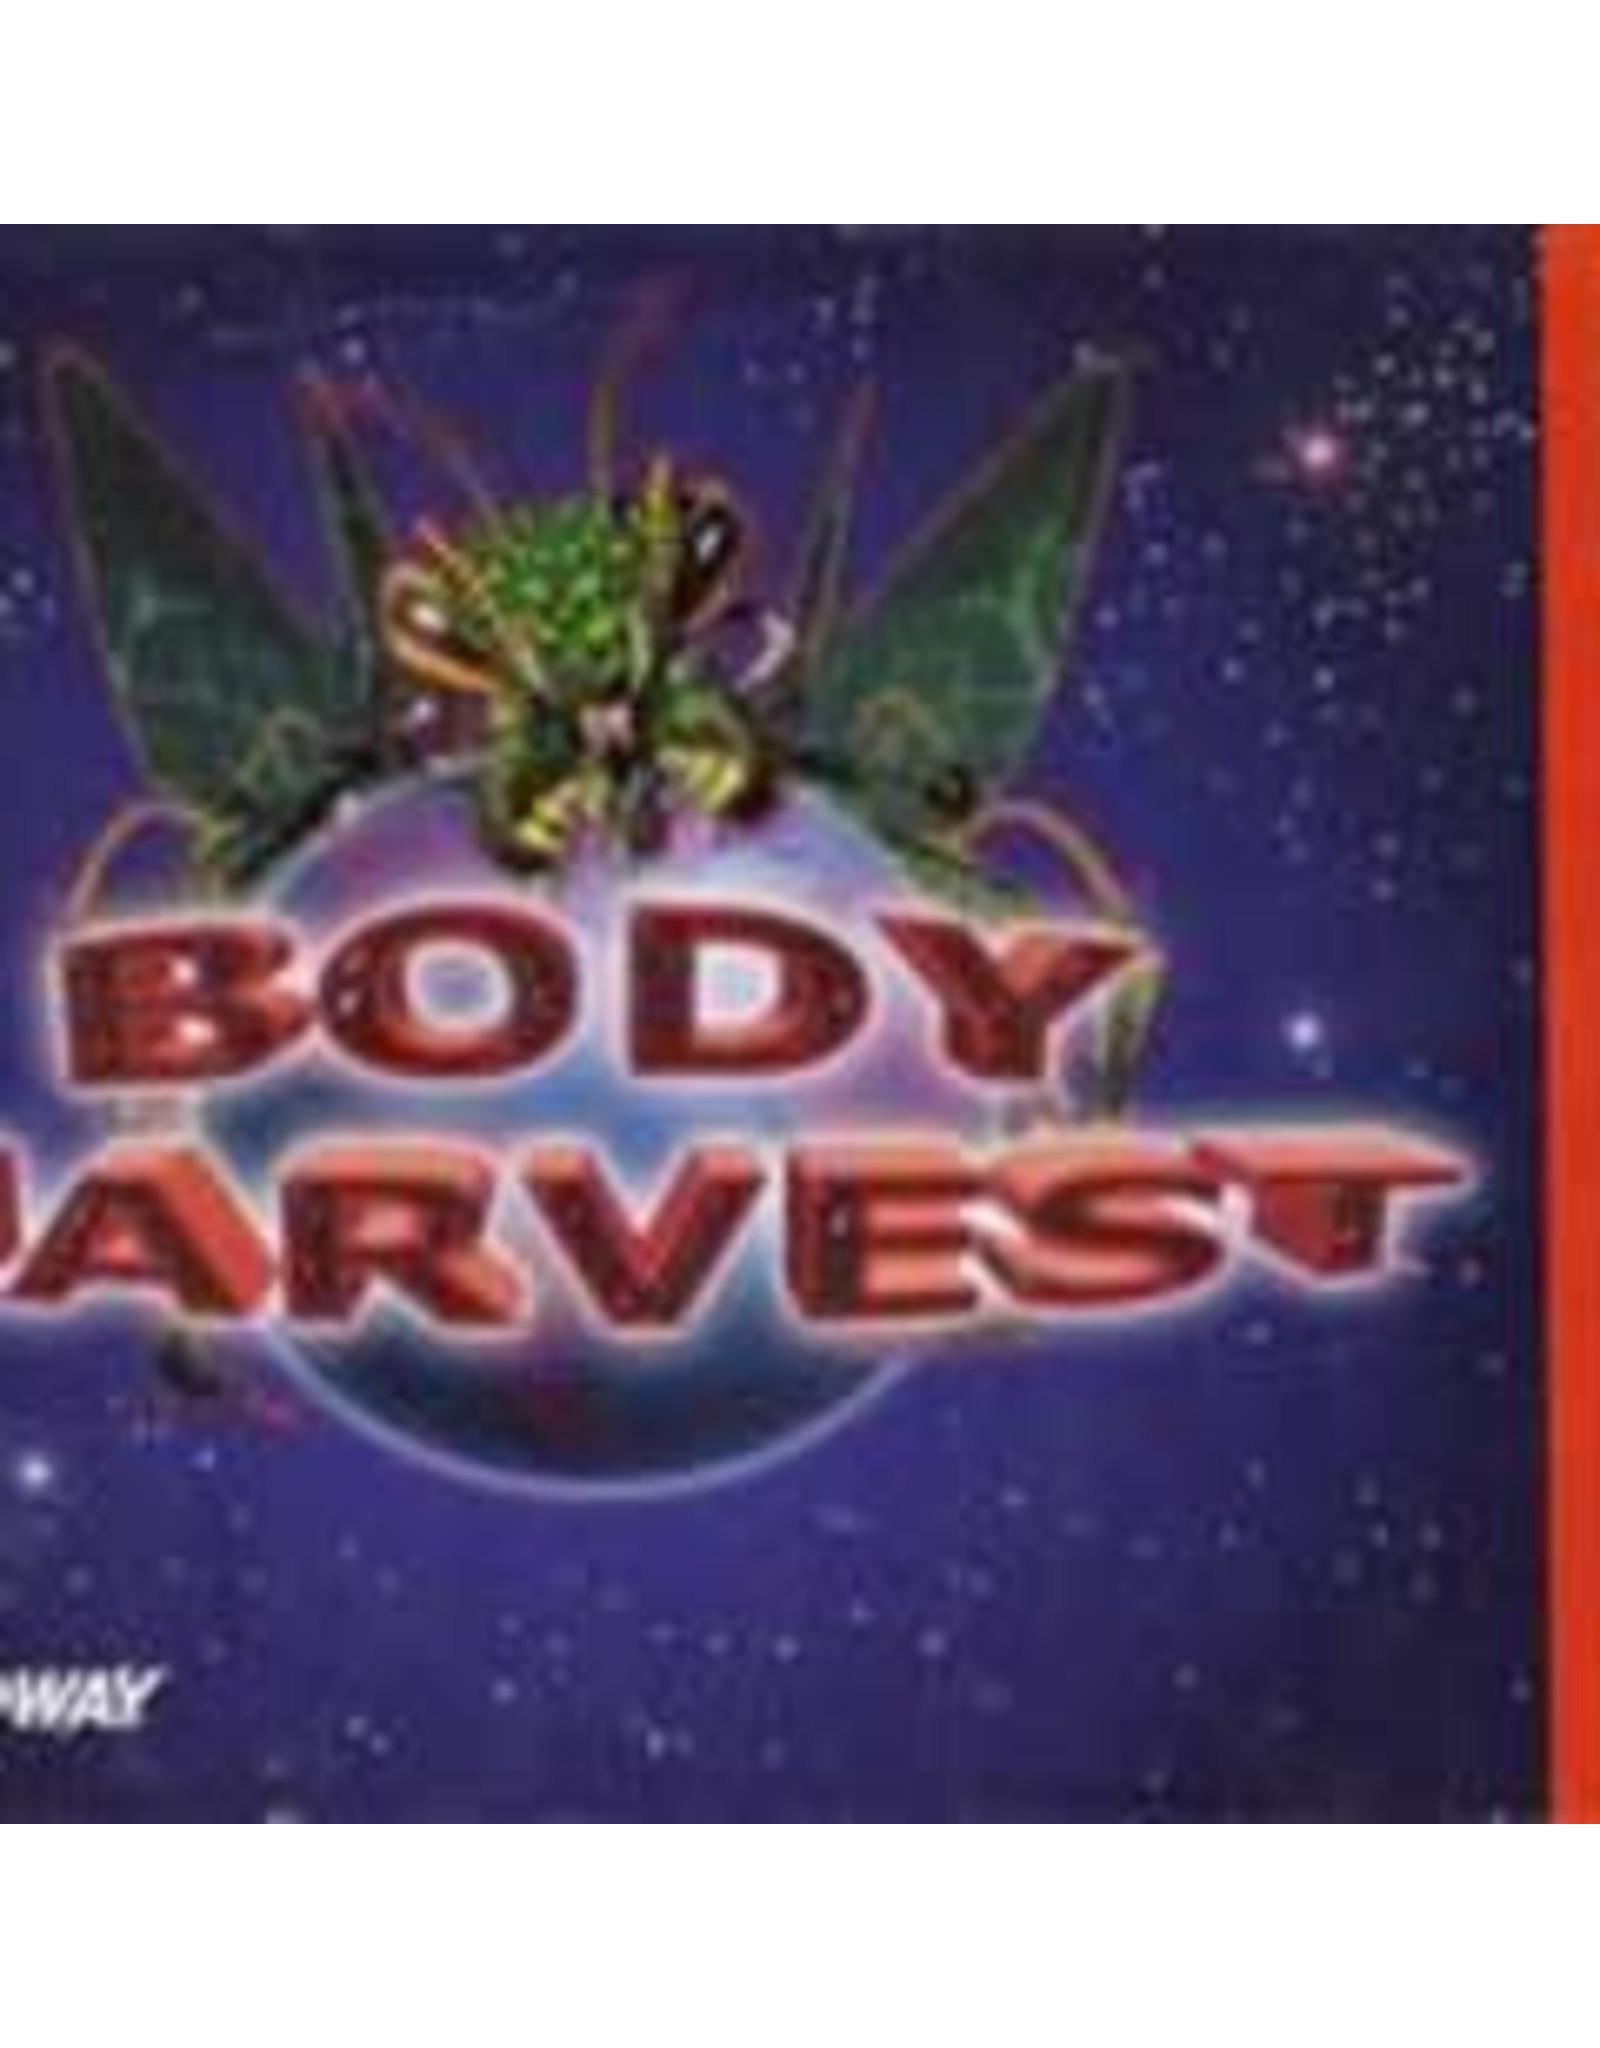 Nintendo 64 Body Harvest (Cart Only, Damaged Label)